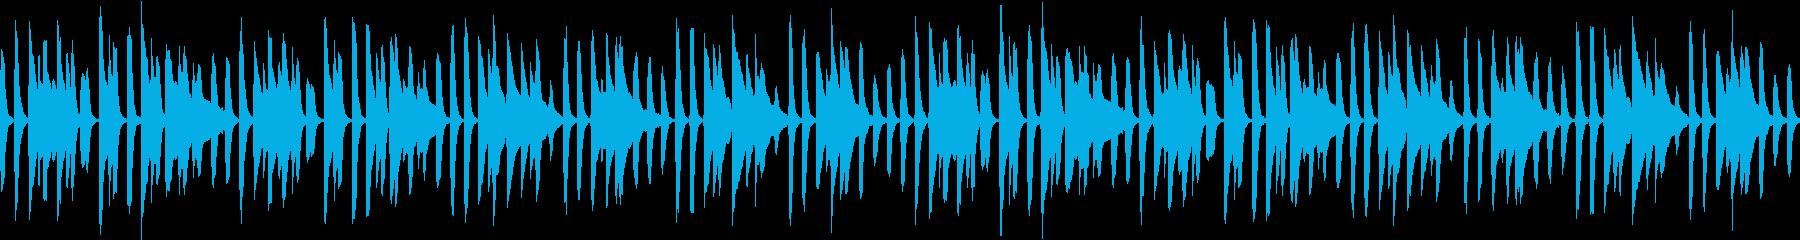 ほのぼのピアノ さんぽ 赤ちゃん  の再生済みの波形